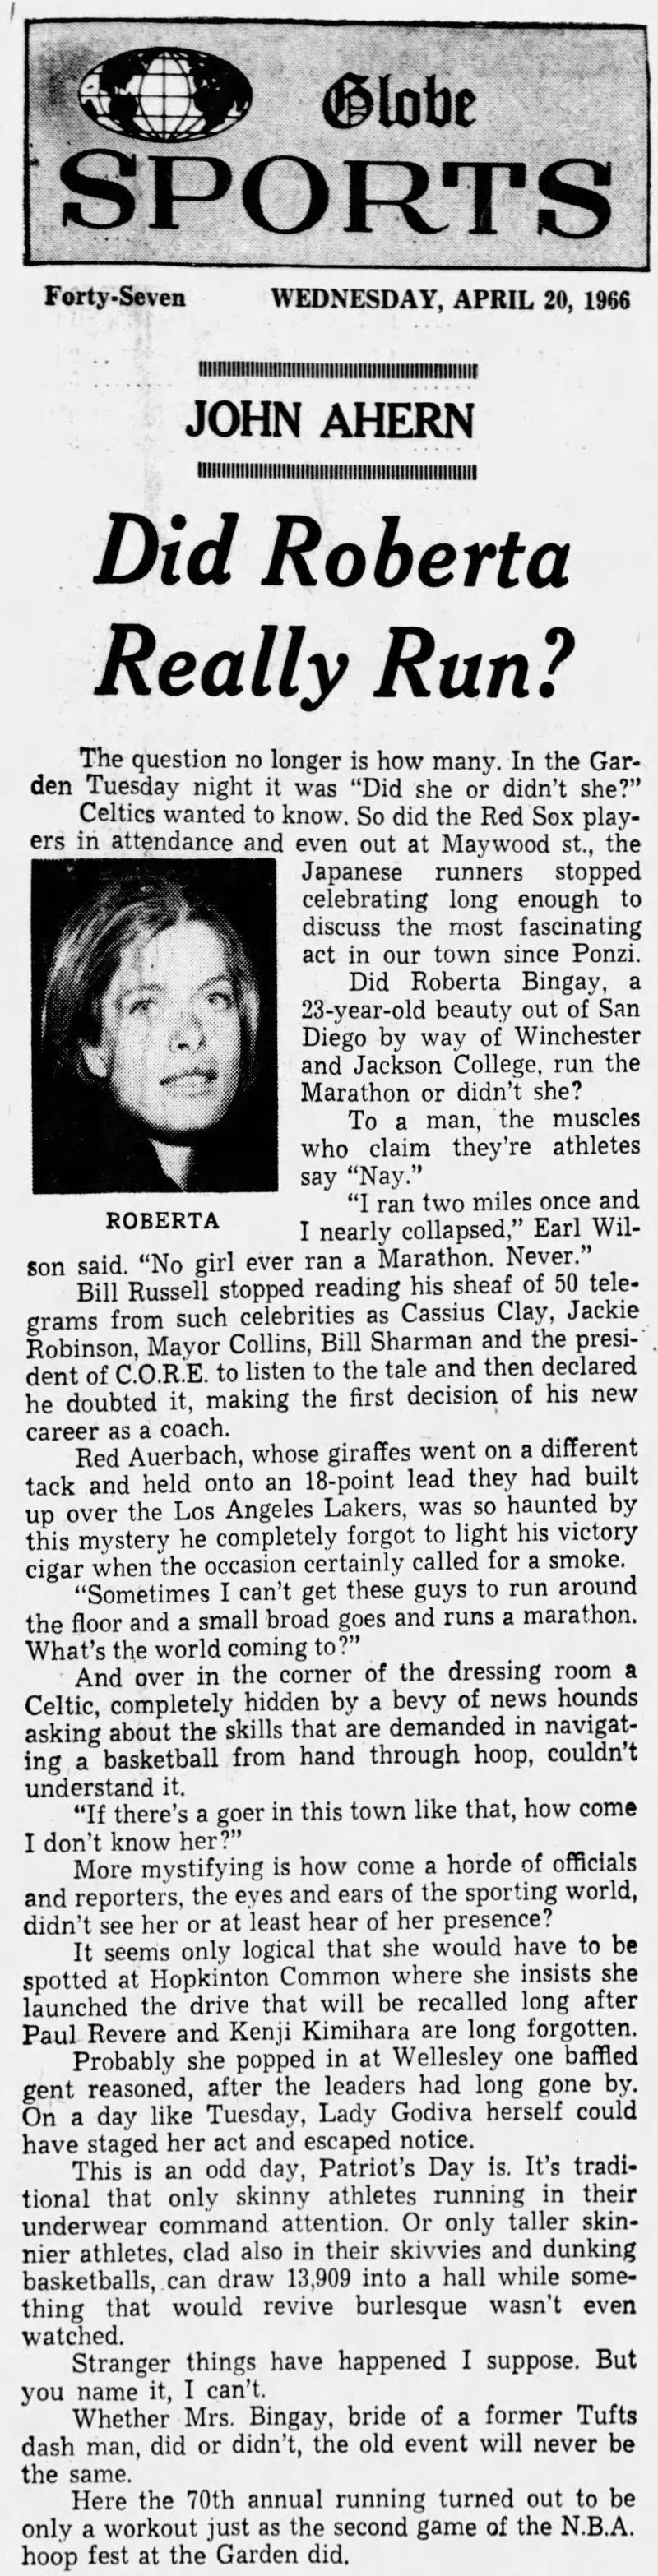 1966 news clipping about Bobbi Gibb - Boston Marathon